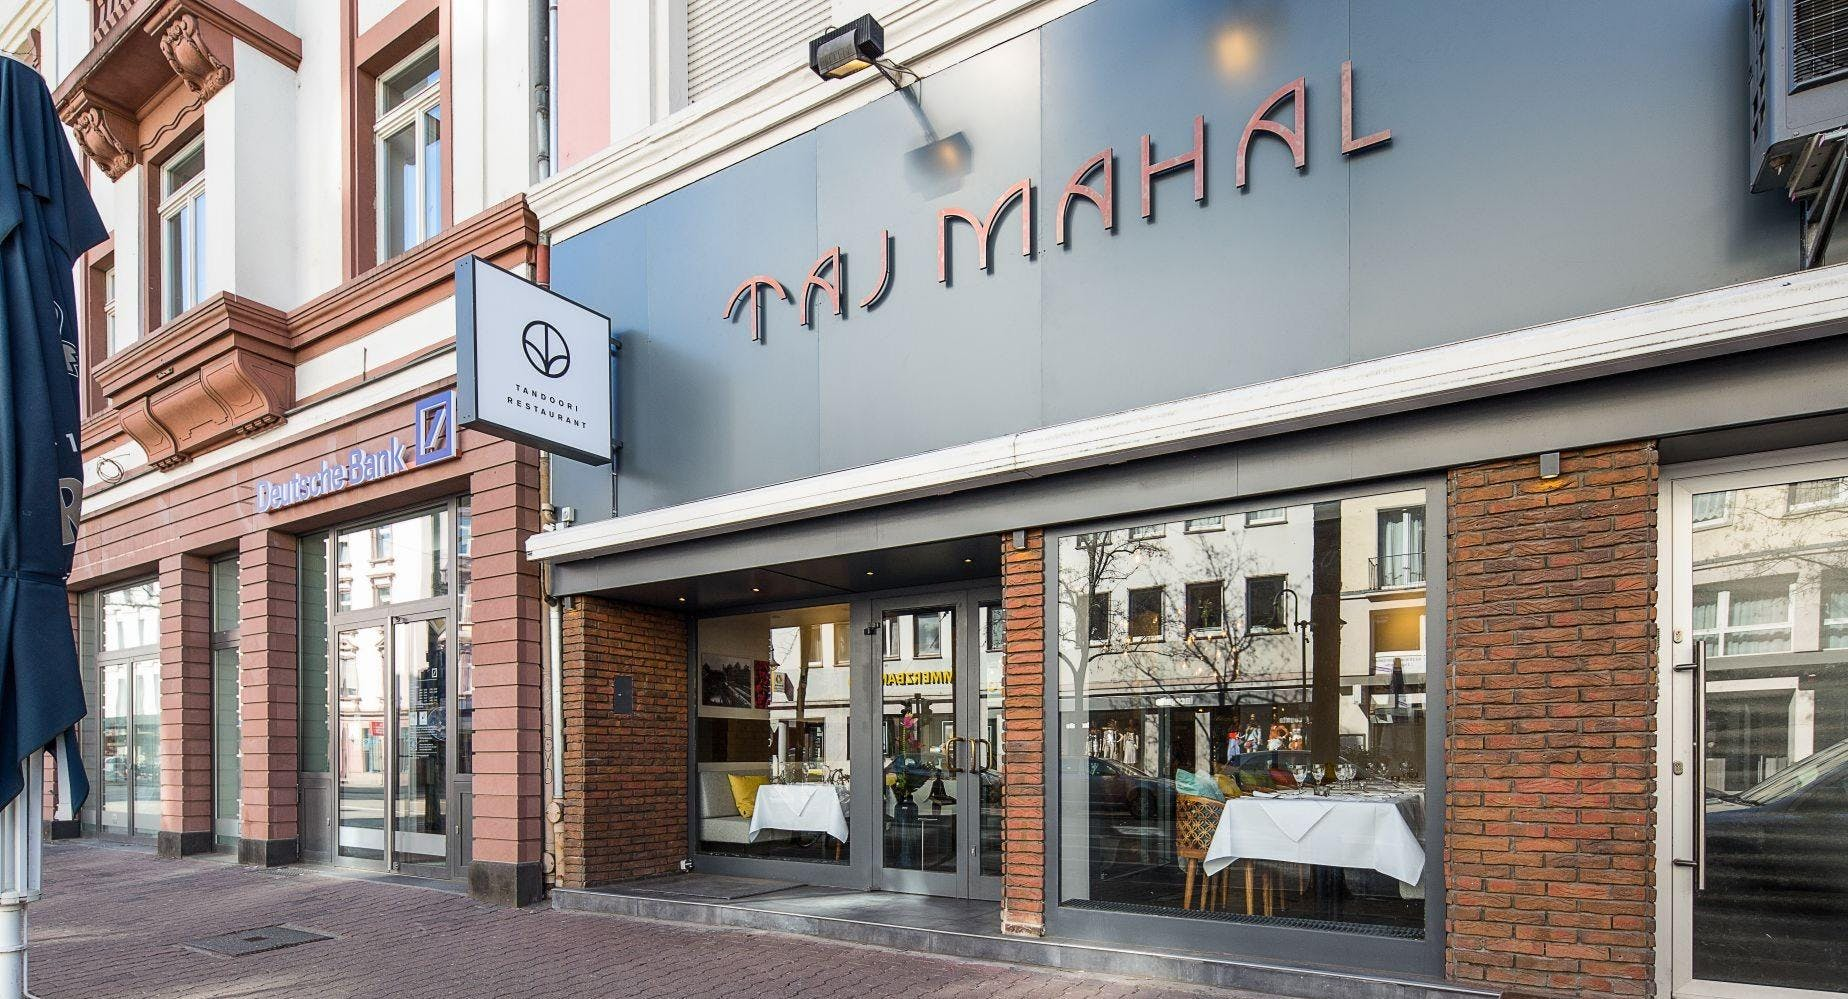 Taj Mahal Frankfurt image 1